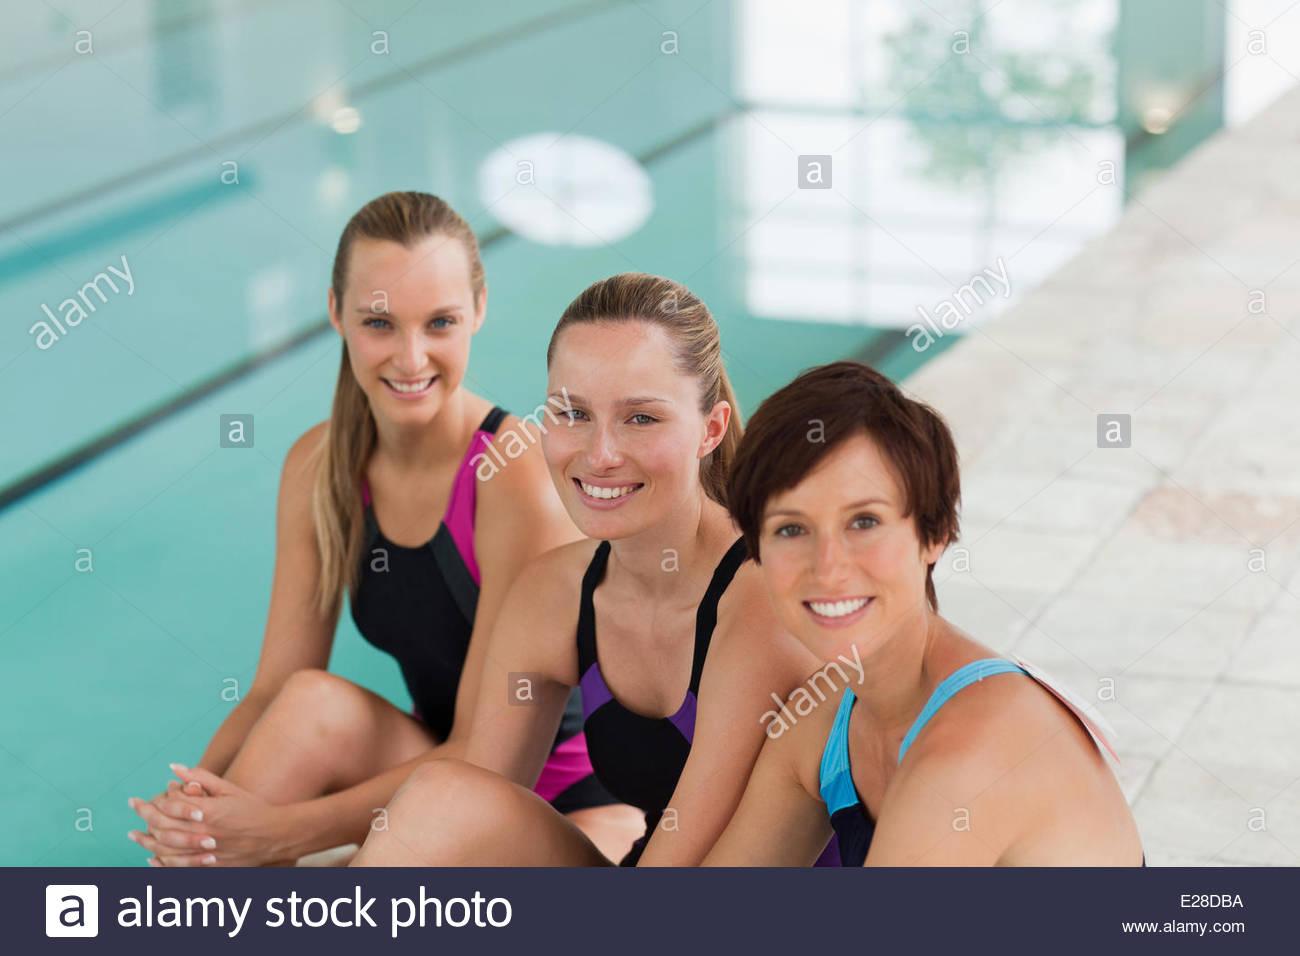 Sonriente joven mujer sentada en el borde de la piscina Imagen De Stock